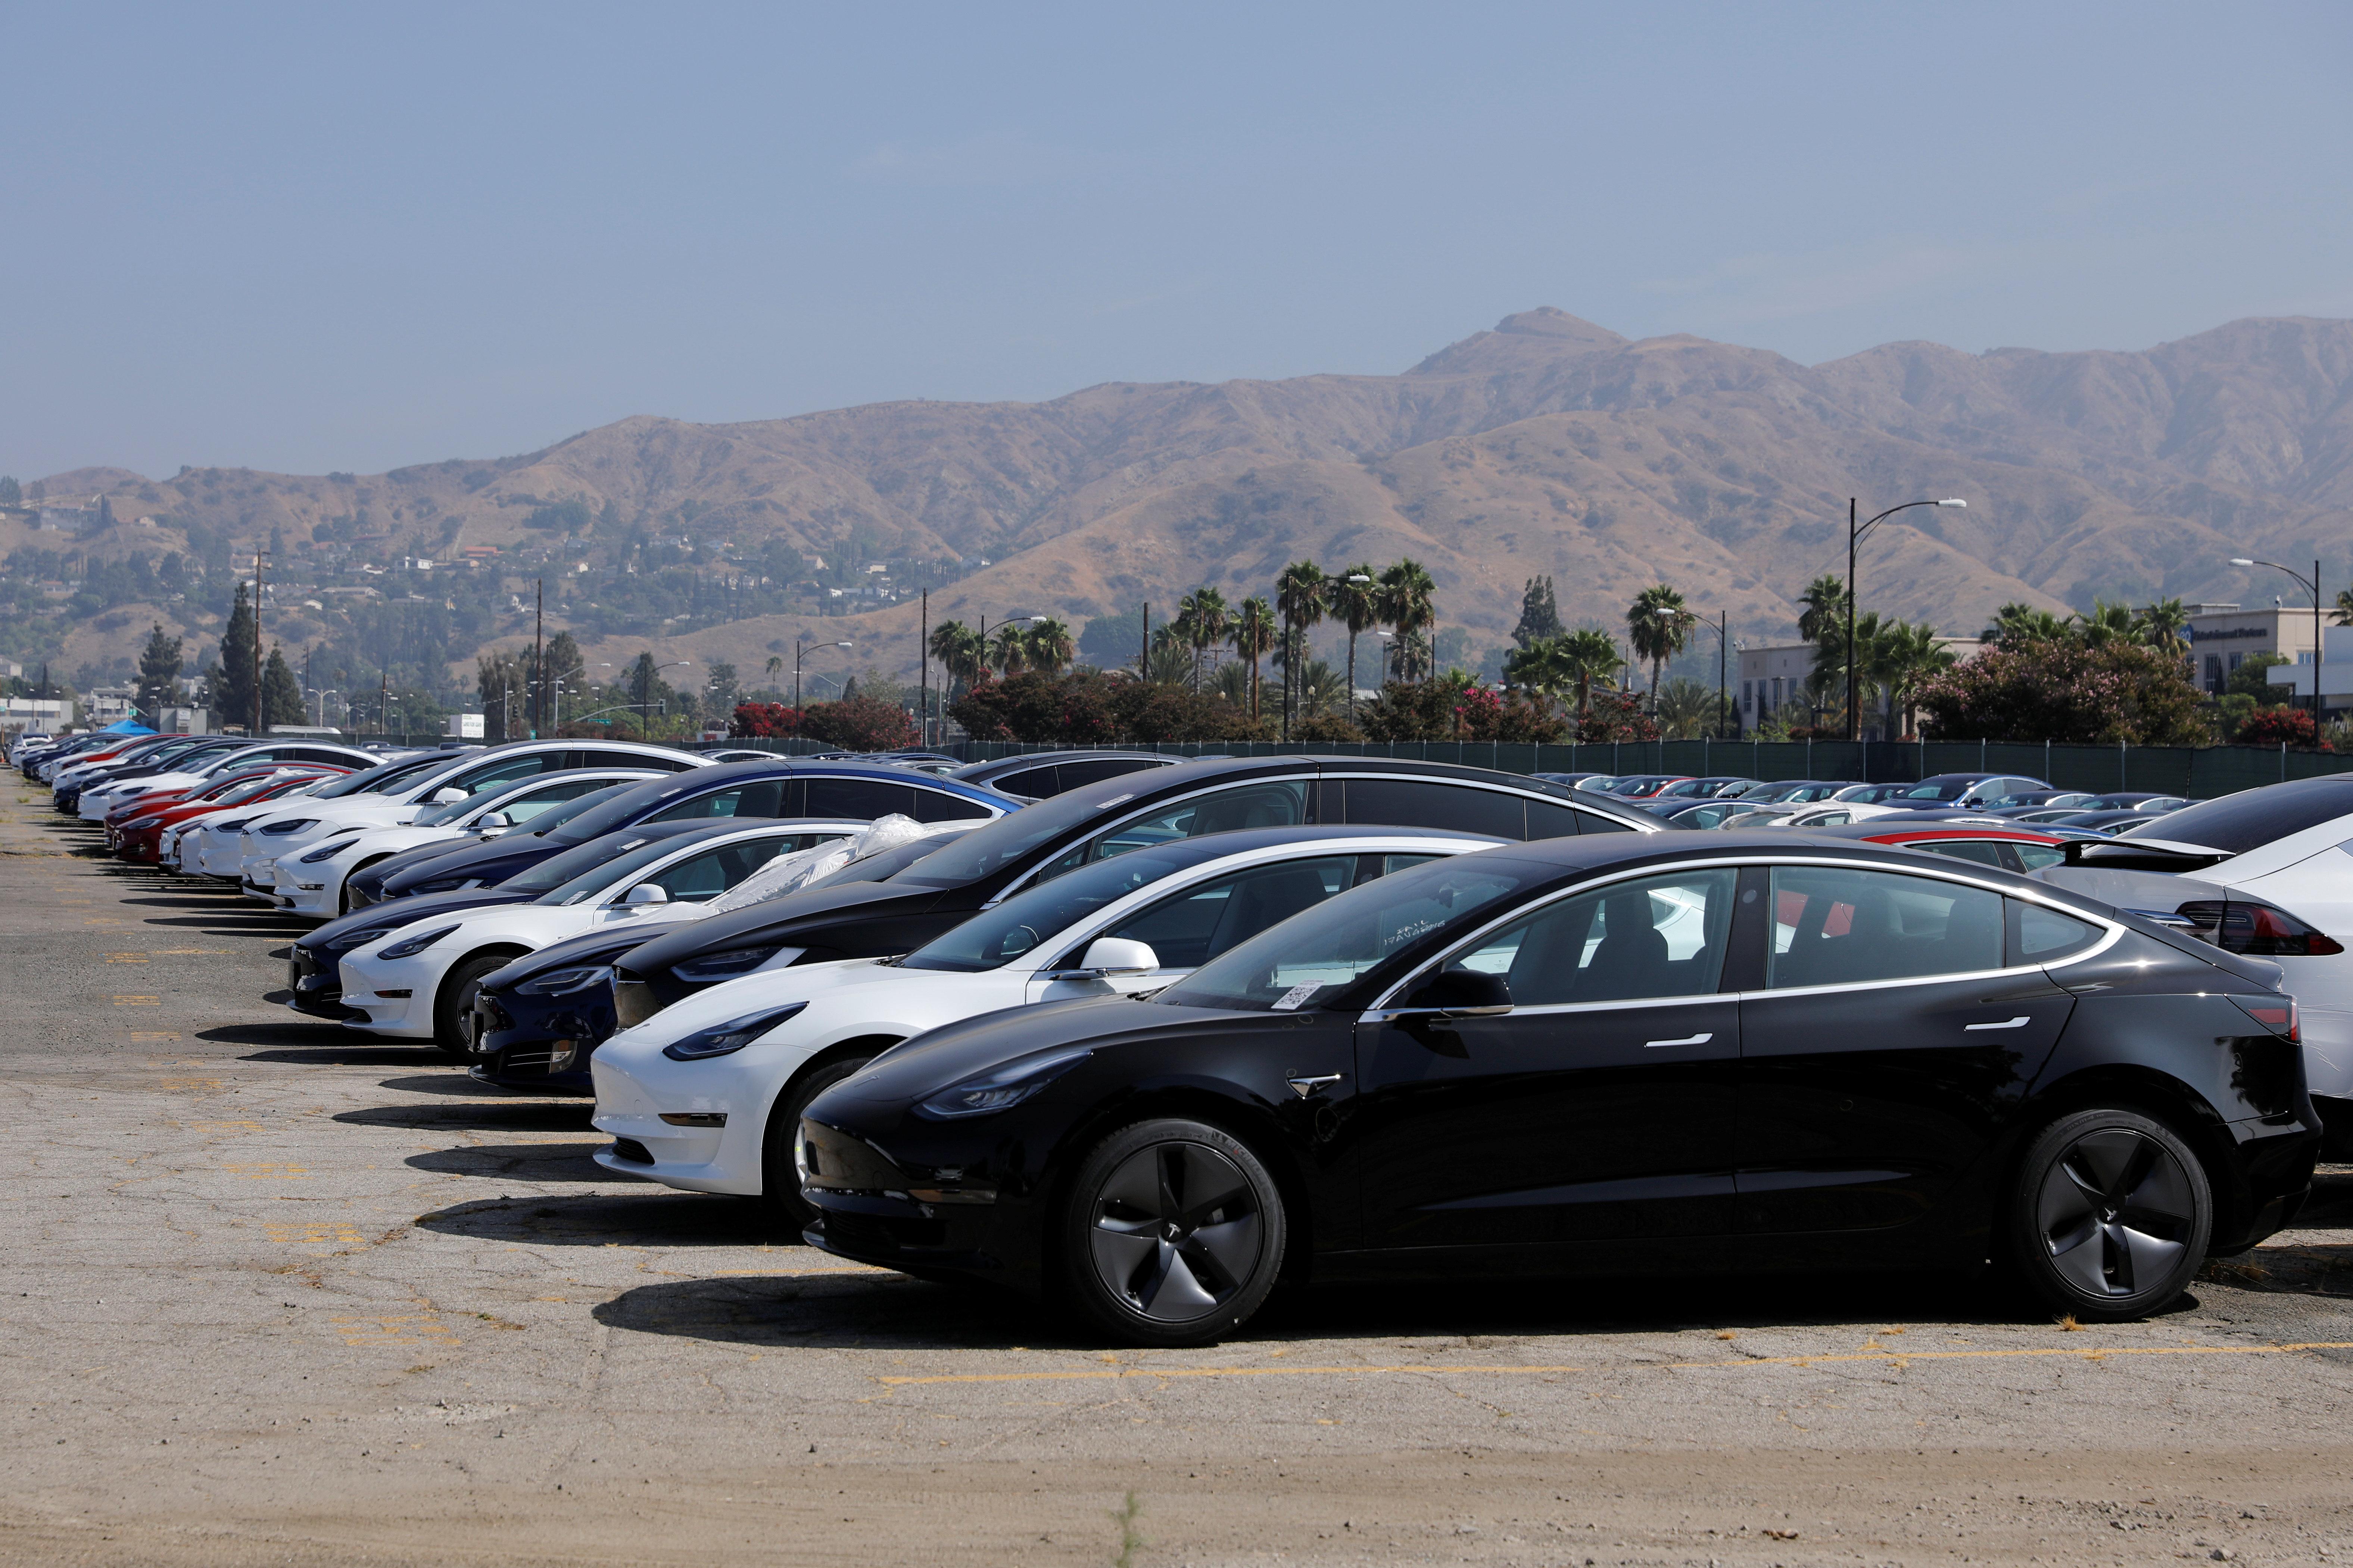 미국 캘리포니아주 버뱅크(Burbank) 공항 인근 한 주차장에 막 생산된 것으로 보이는 테슬라 차량들이 주차되어 있는 모습. 2018년 8월24일.